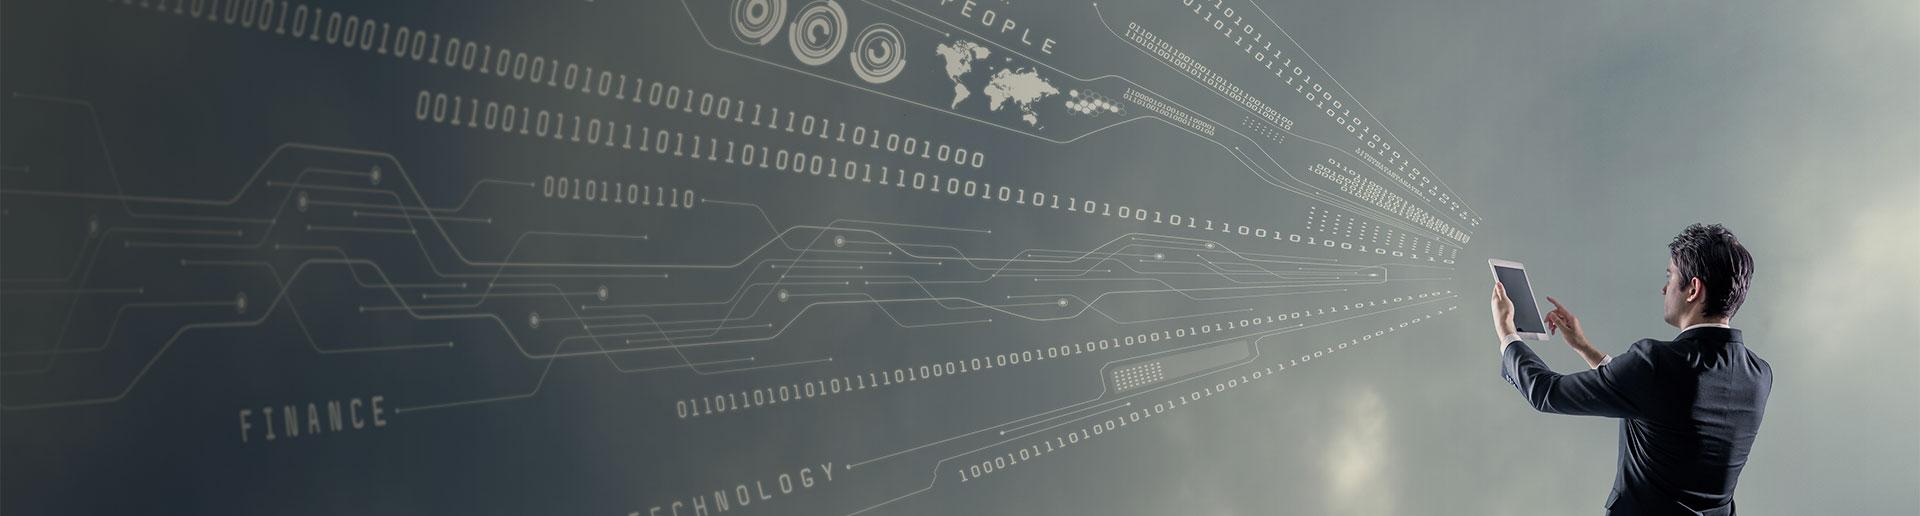 Transformation digitale : nouveau fer de lance des entreprises